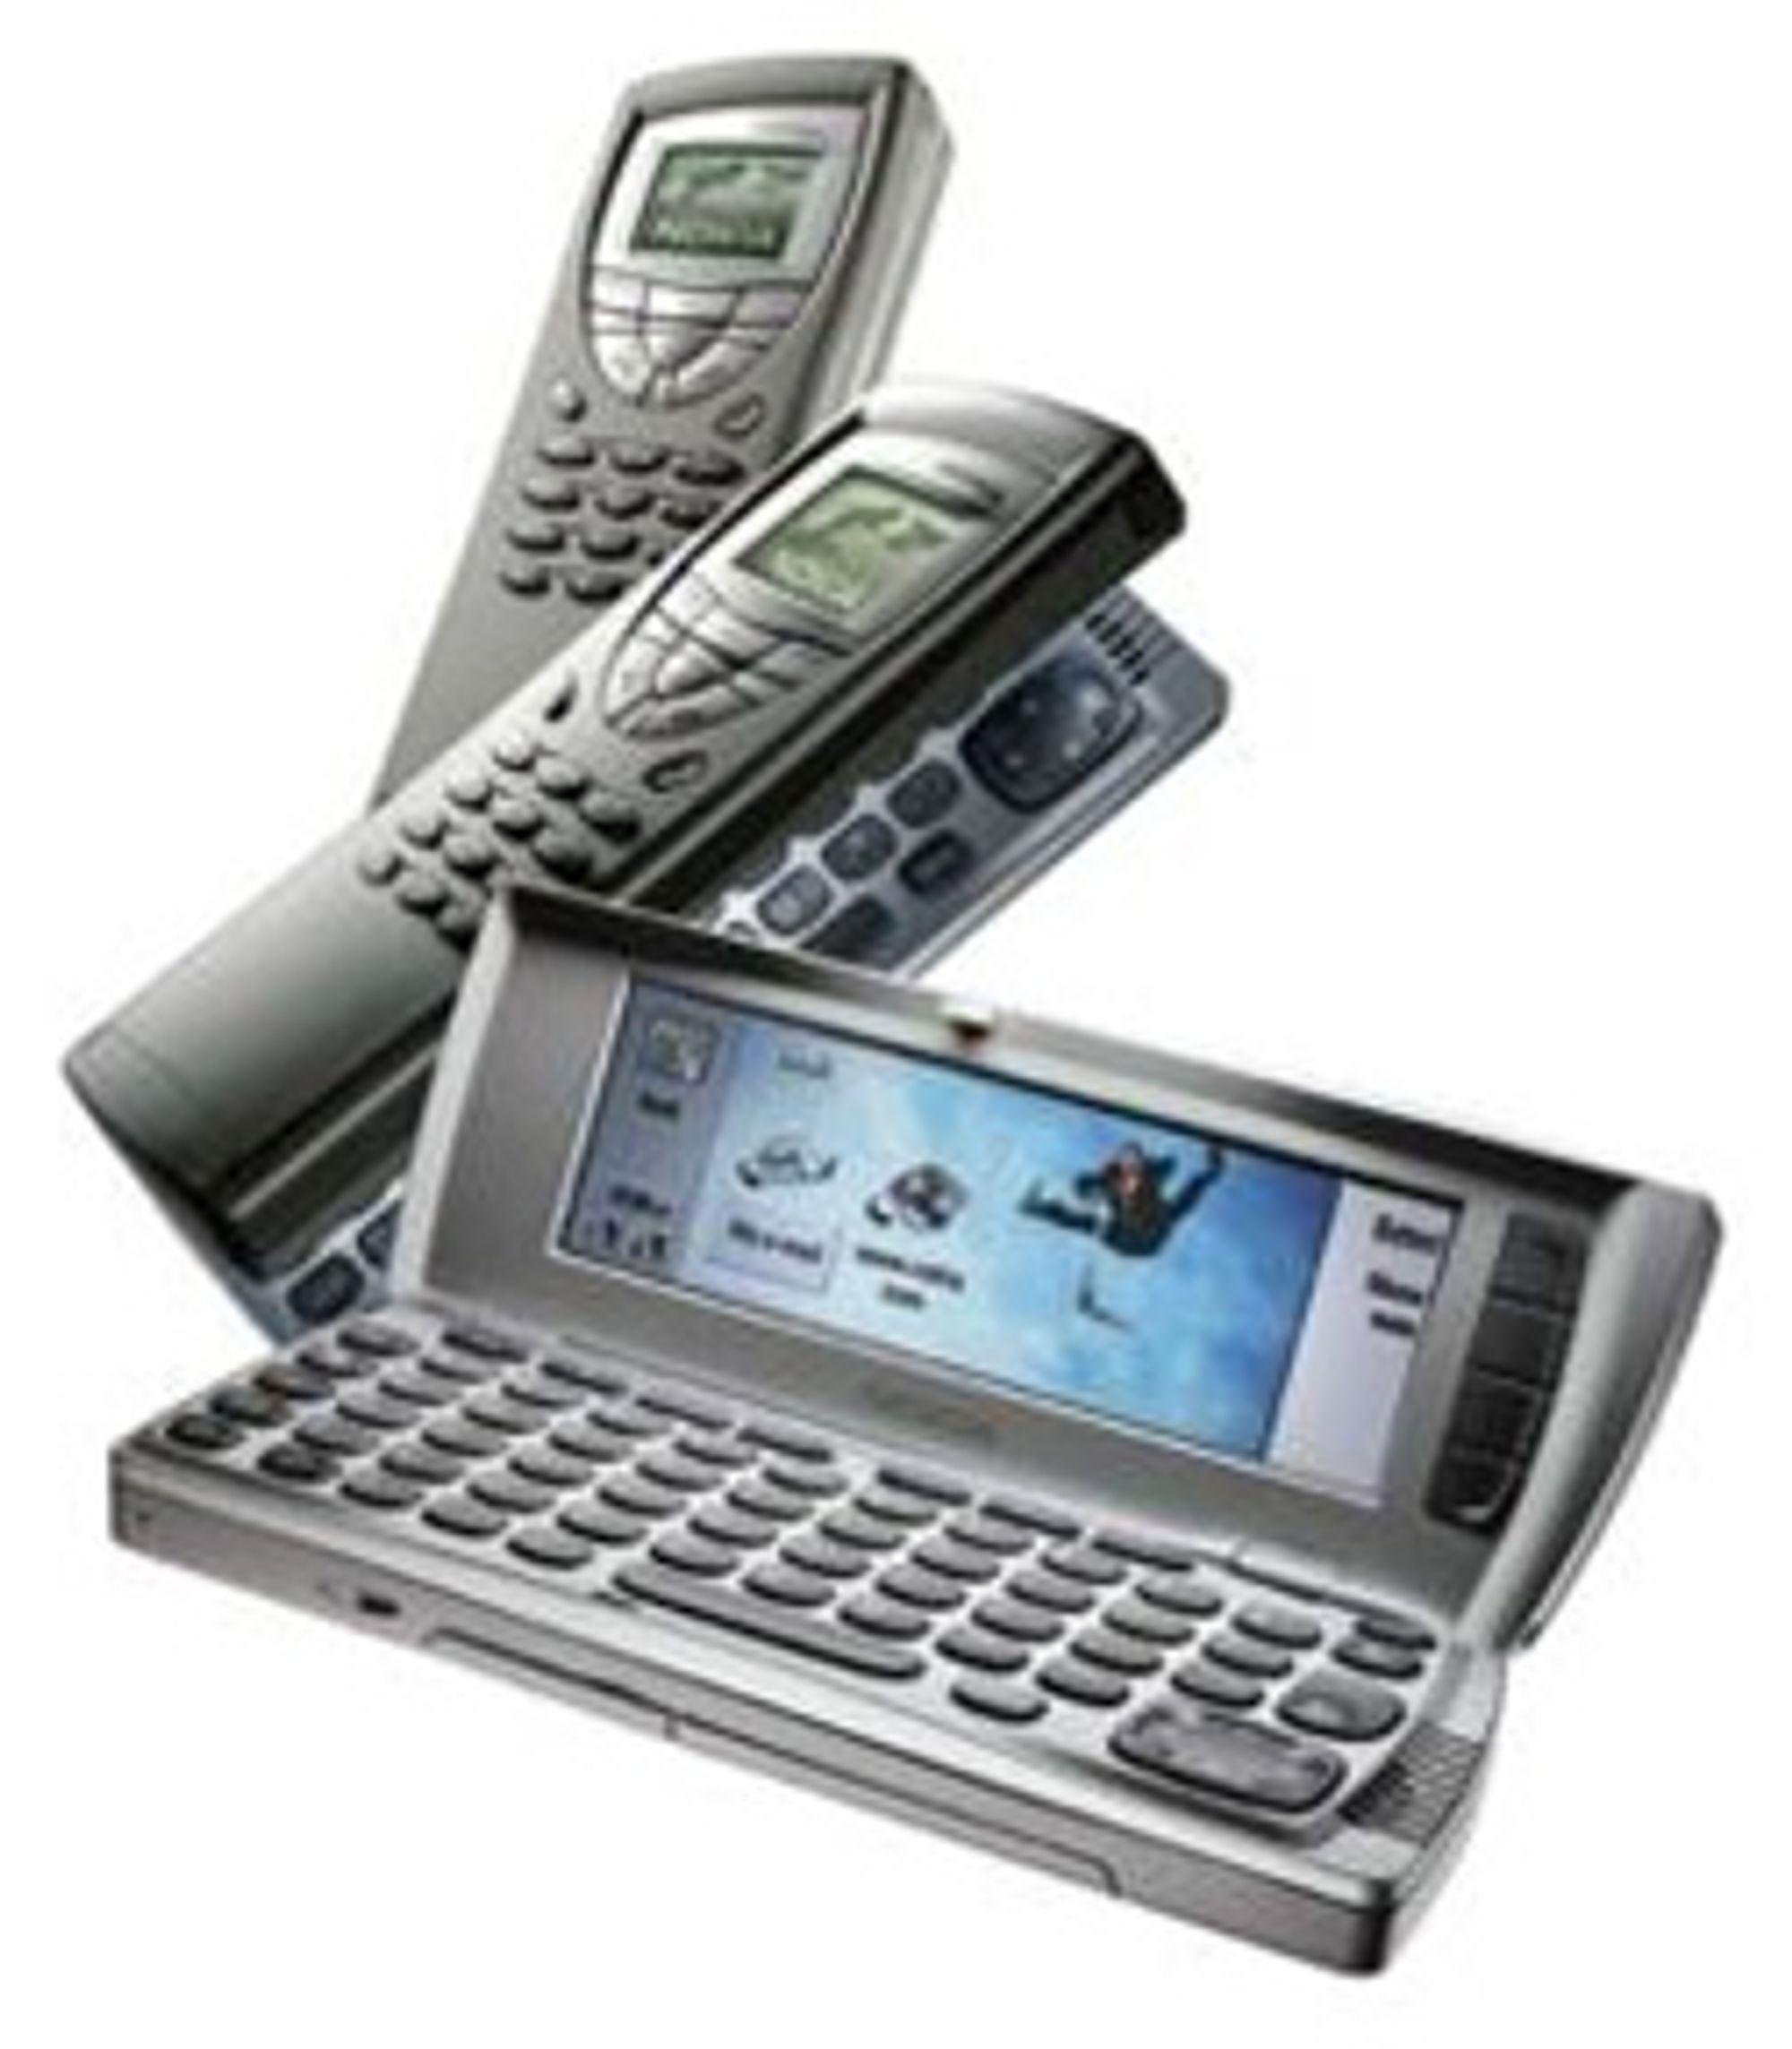 Nokia var neste, med sin første kommunikator-mobil.